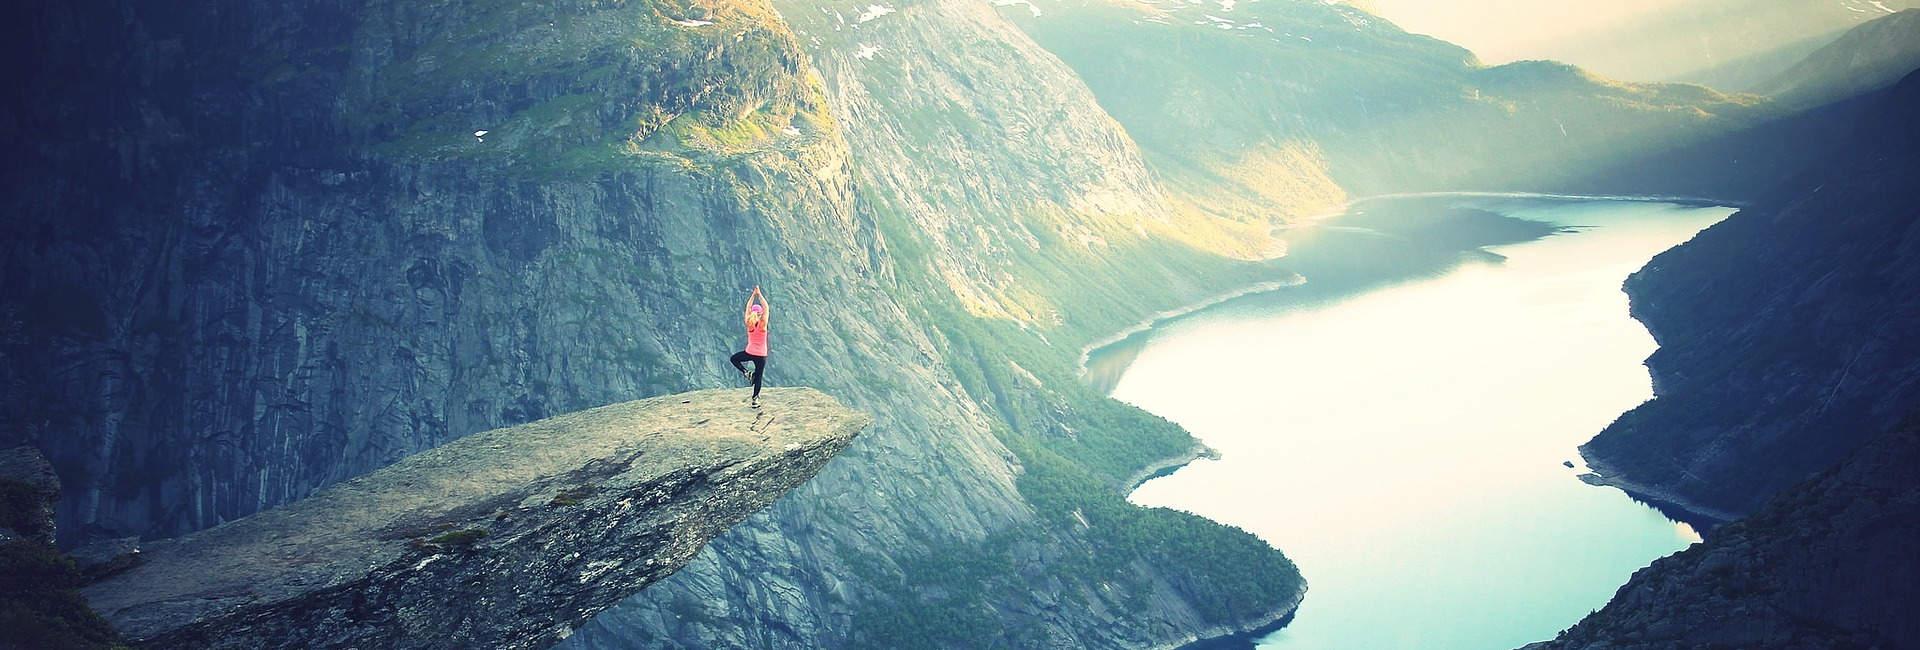 Cours de Hatha yoga à la montagne